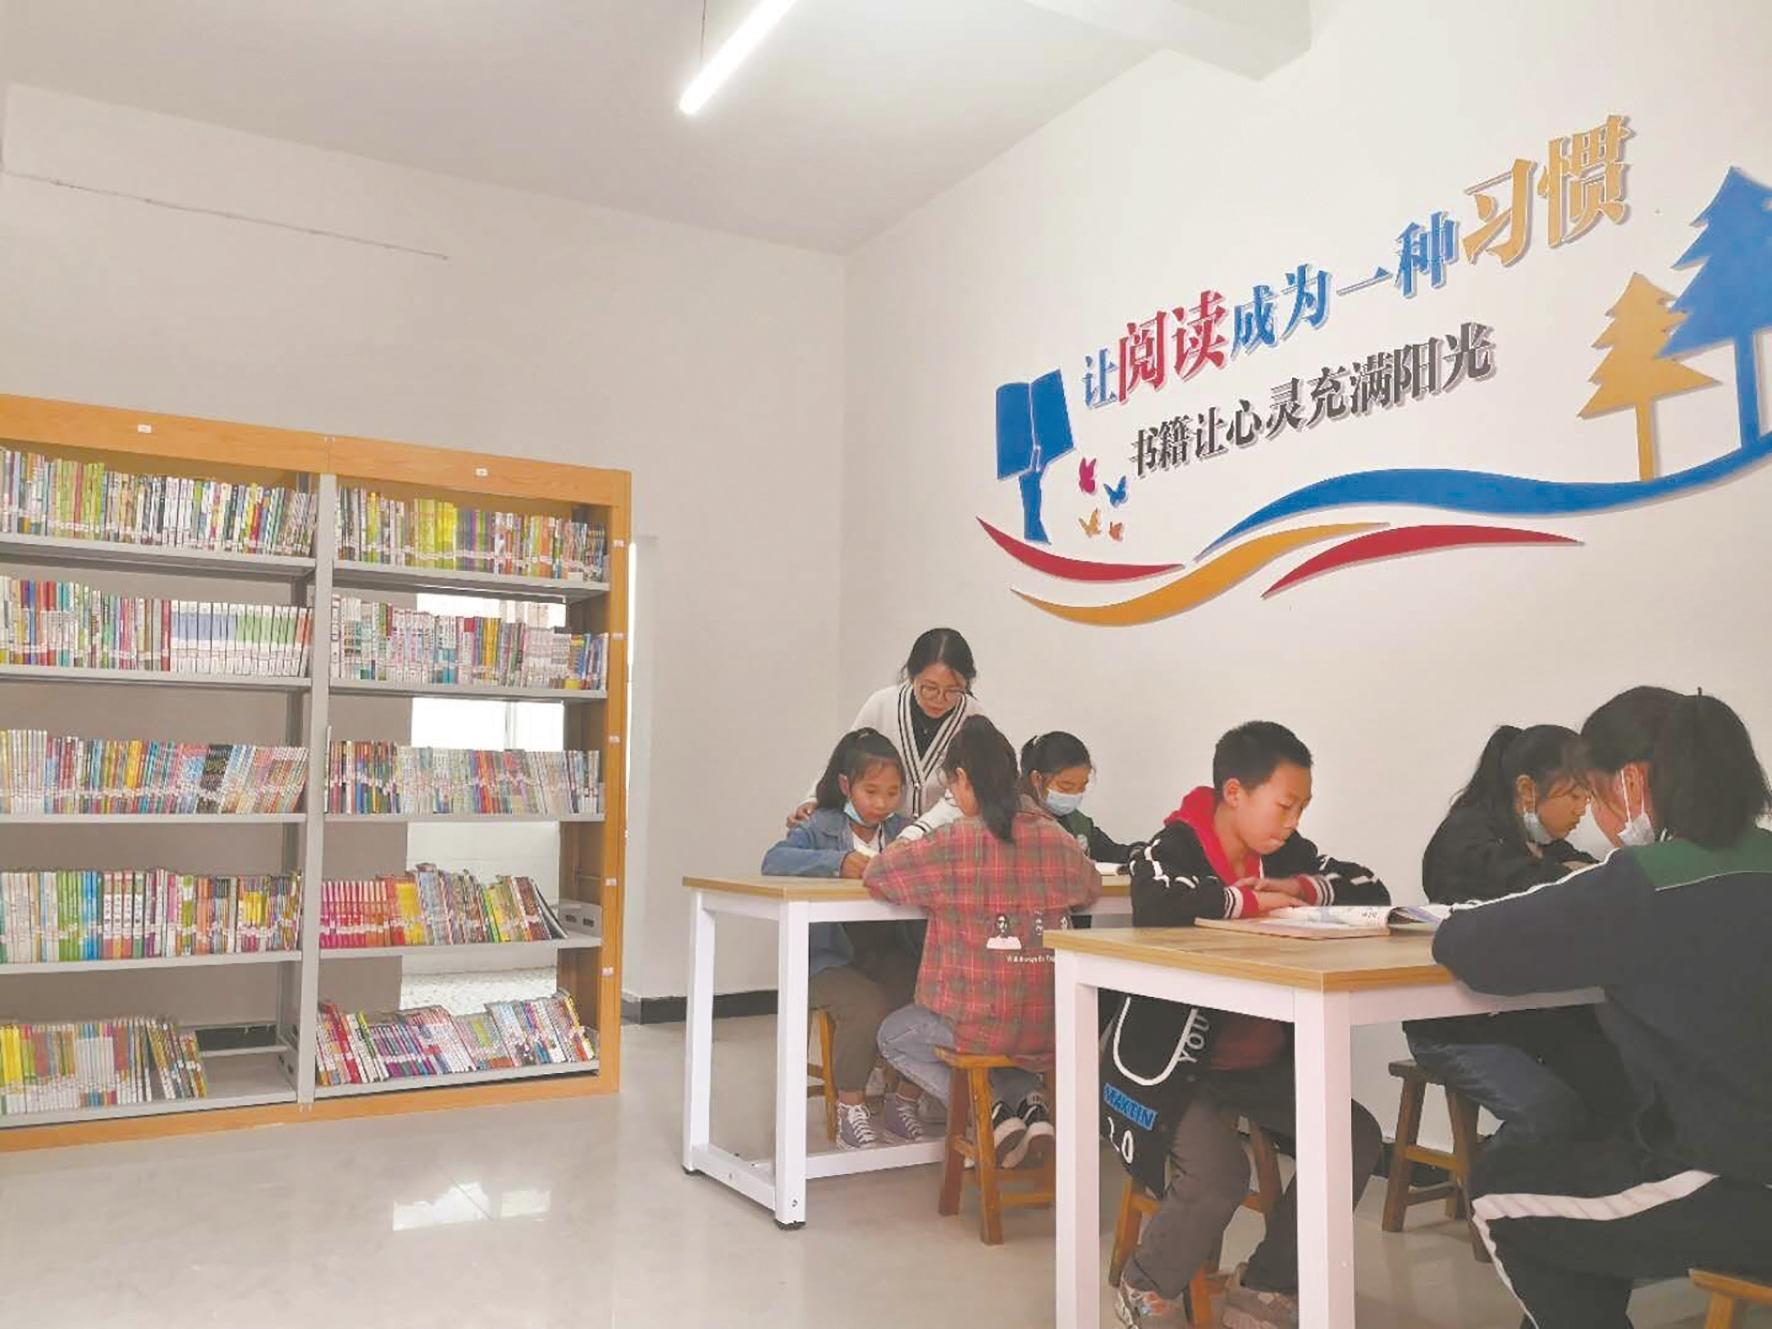 利川这所山村小学飘溢珞珈书香 当地民警发动武大校友捐书  新建的爱珈图书室昨日开放